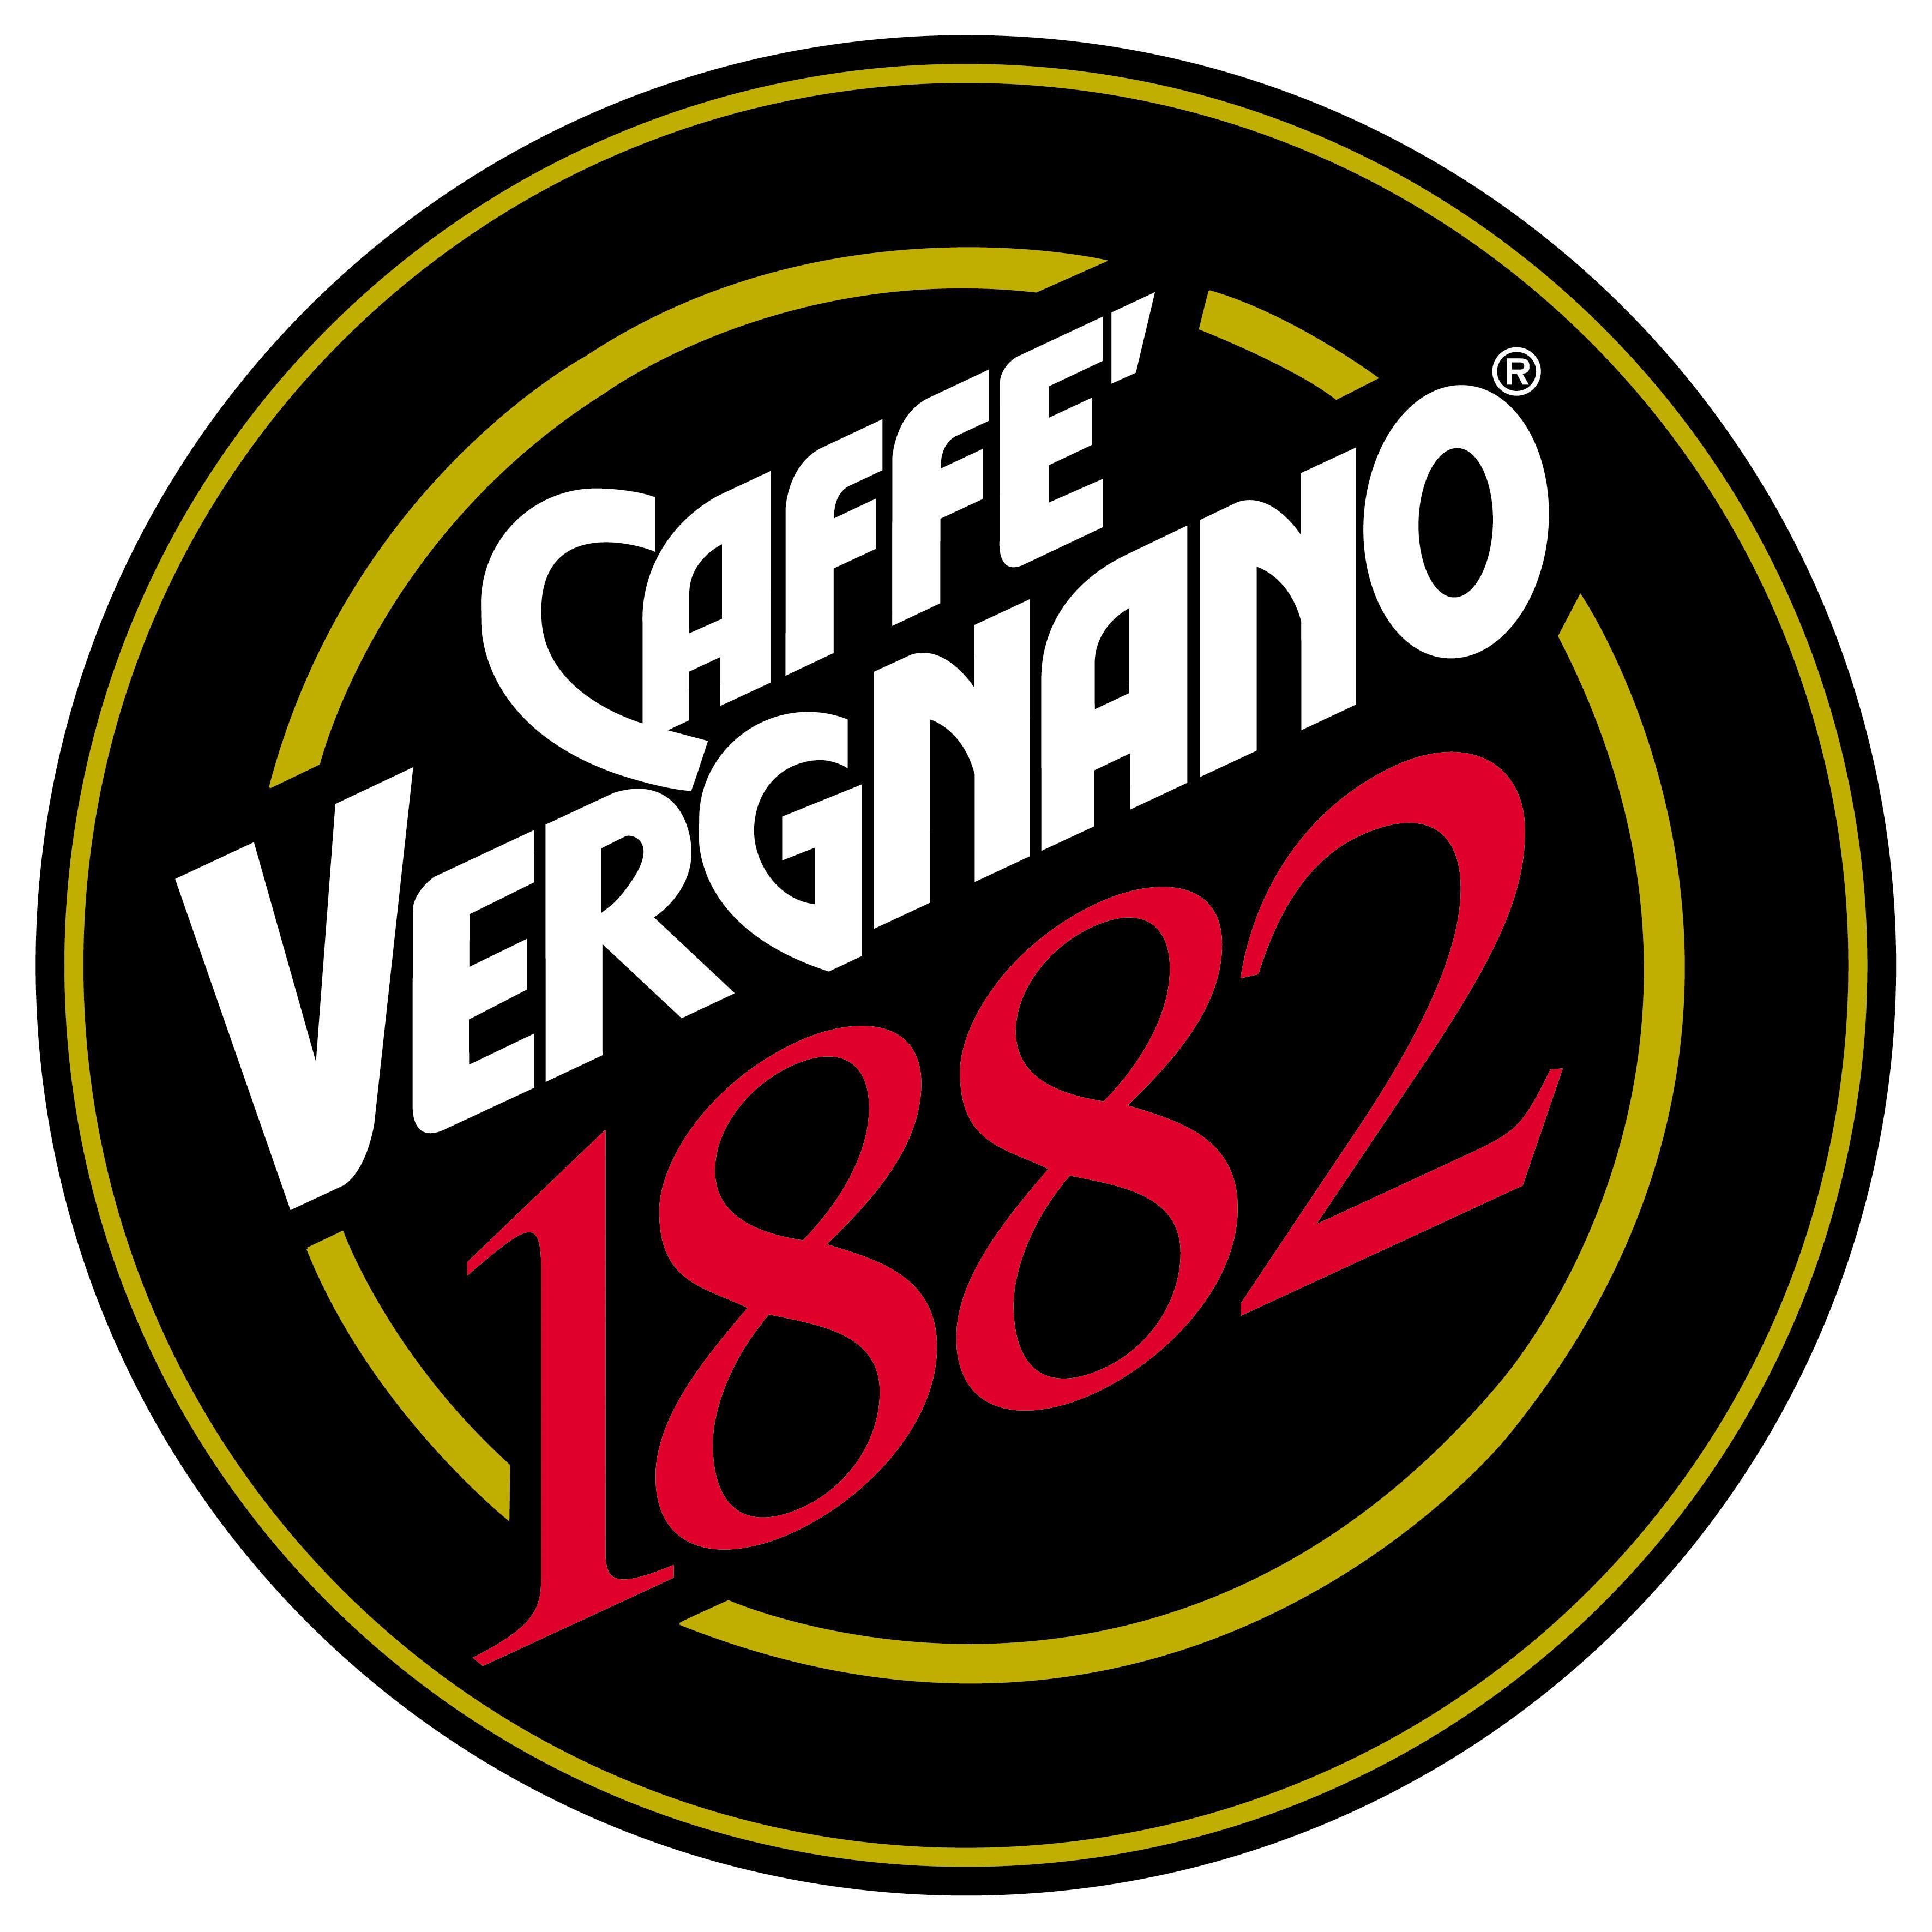 Caffee Vergnano